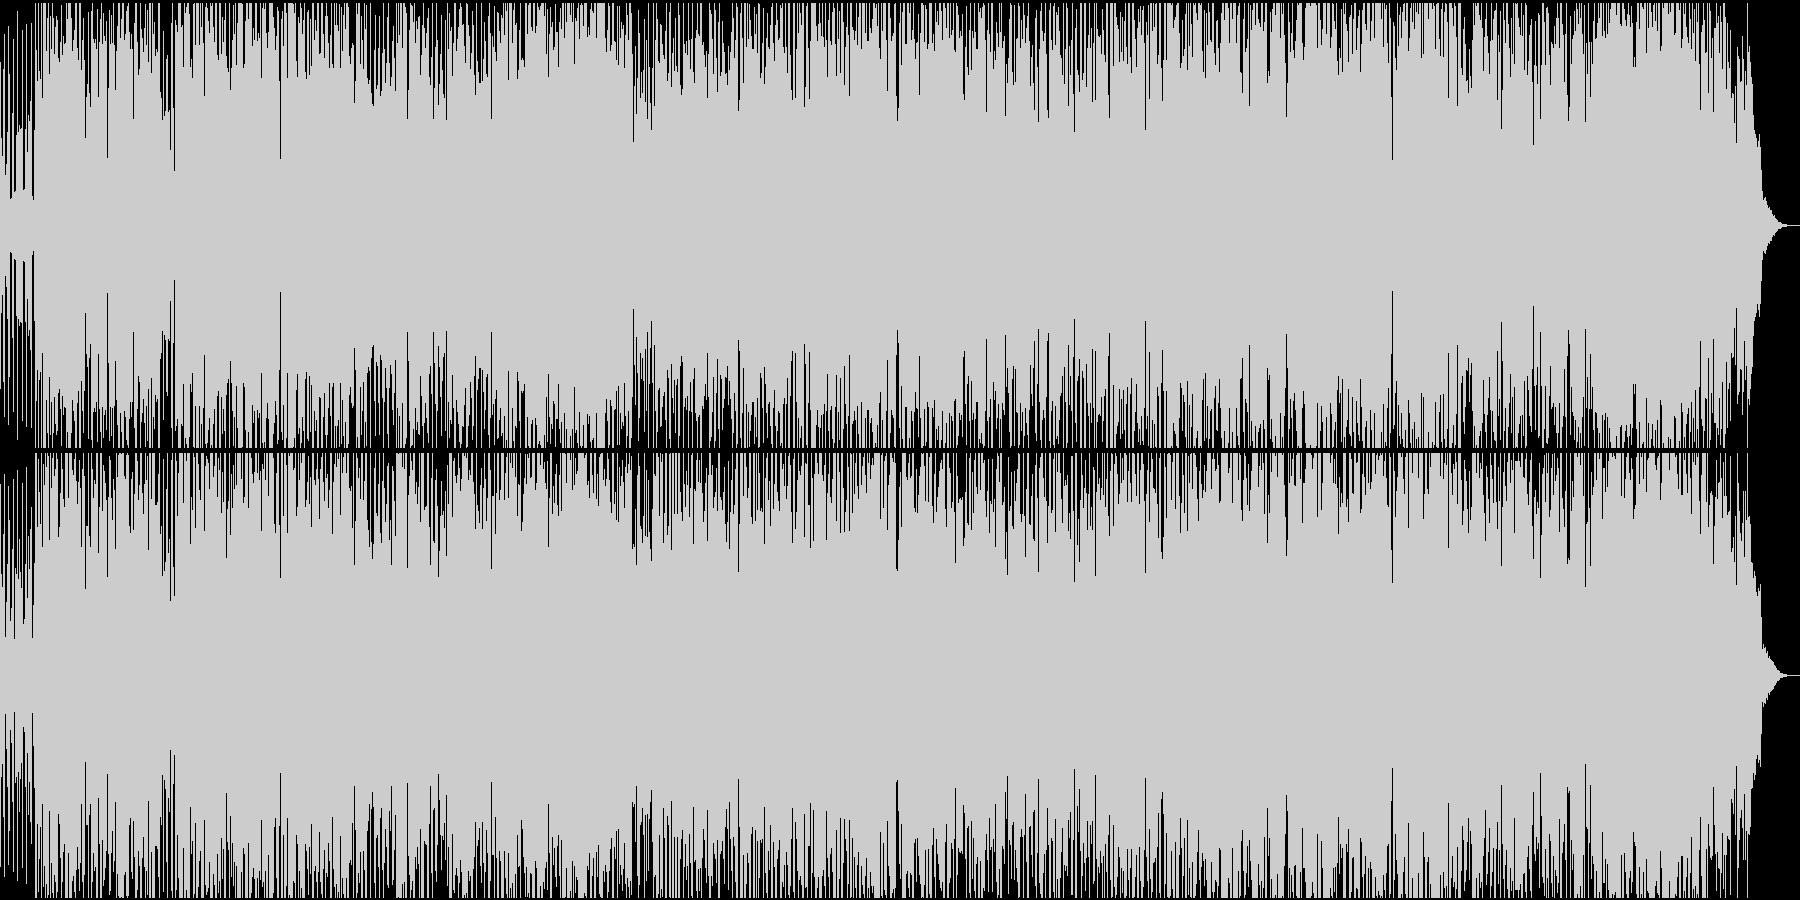 ジャズギターの軽快なラテンの未再生の波形